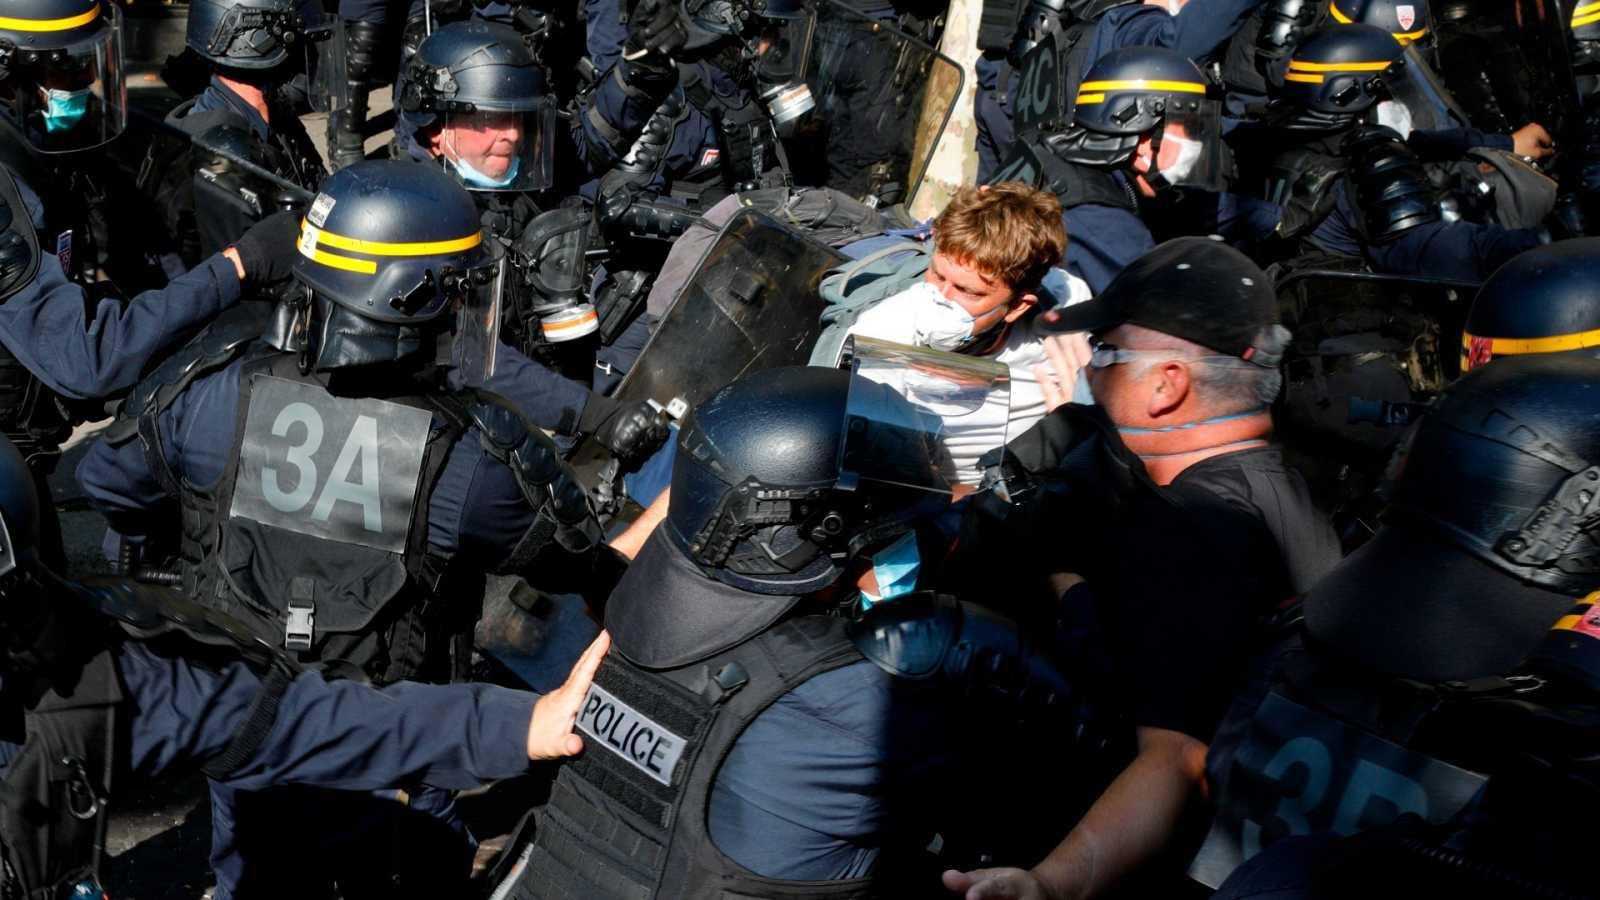 Varios agentes detienen a uno de los manifestantes durante una protesta de los 'chalecos amarillos' en París.